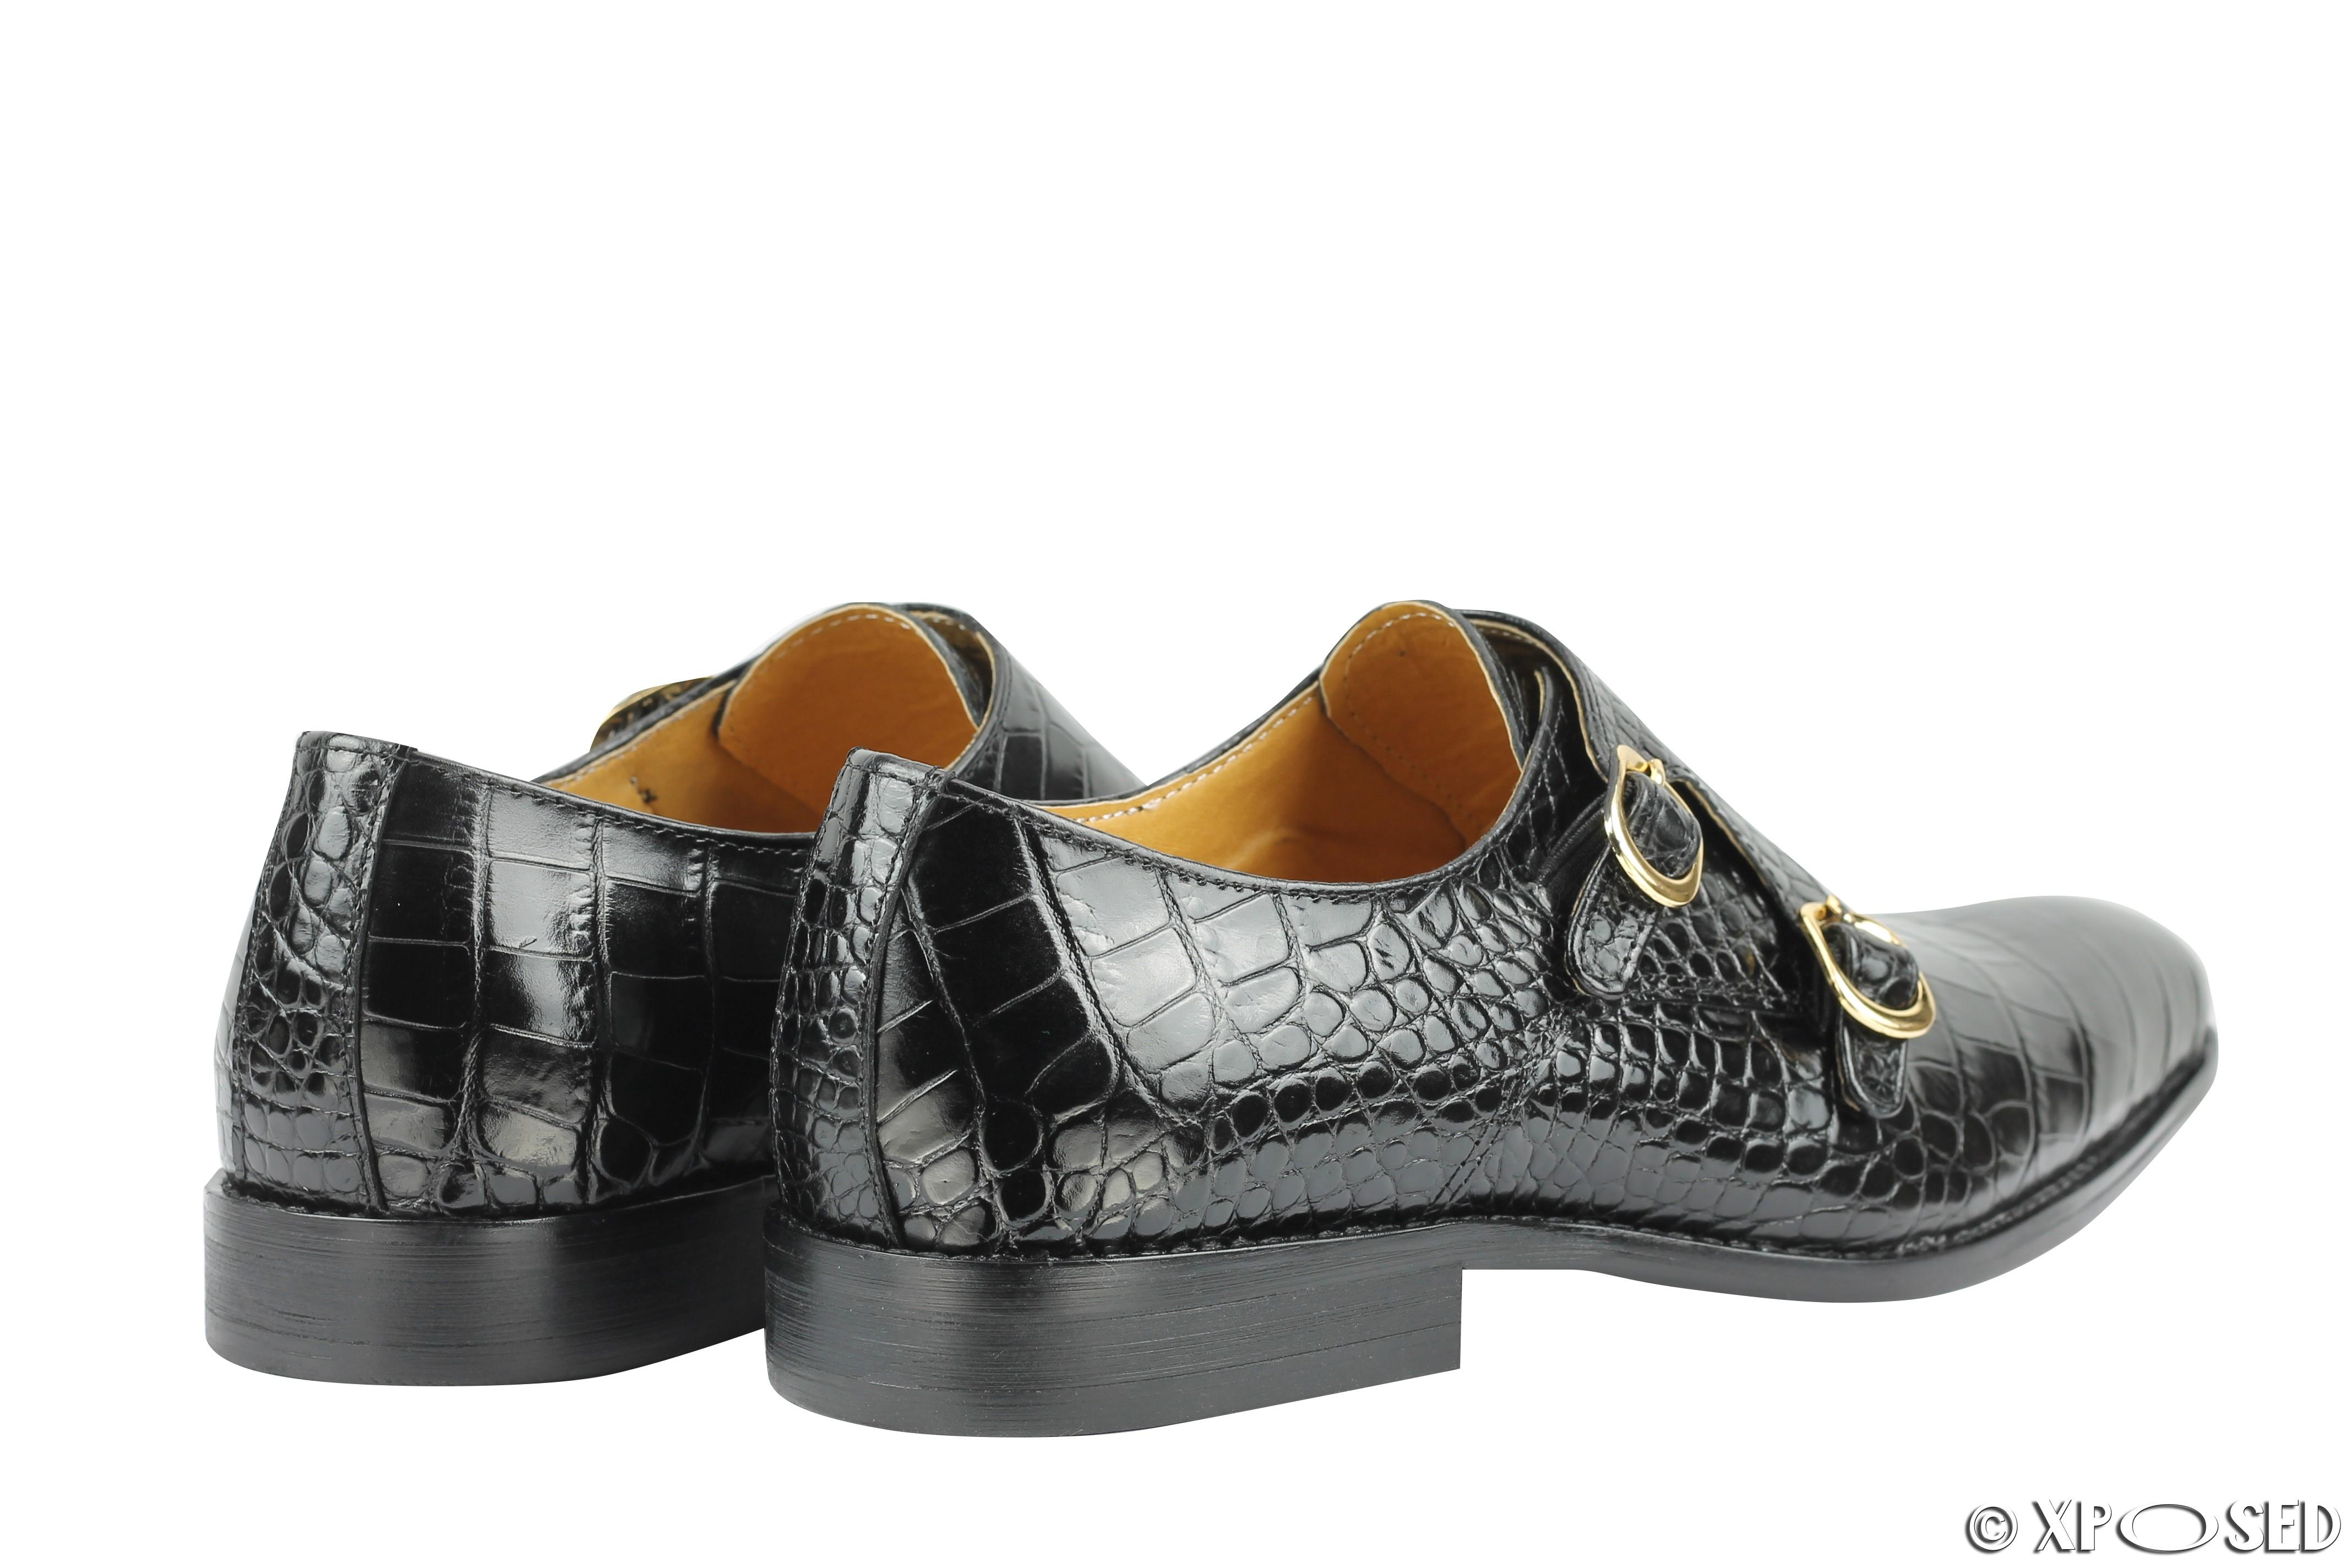 Ladies Monk Strap Shoes